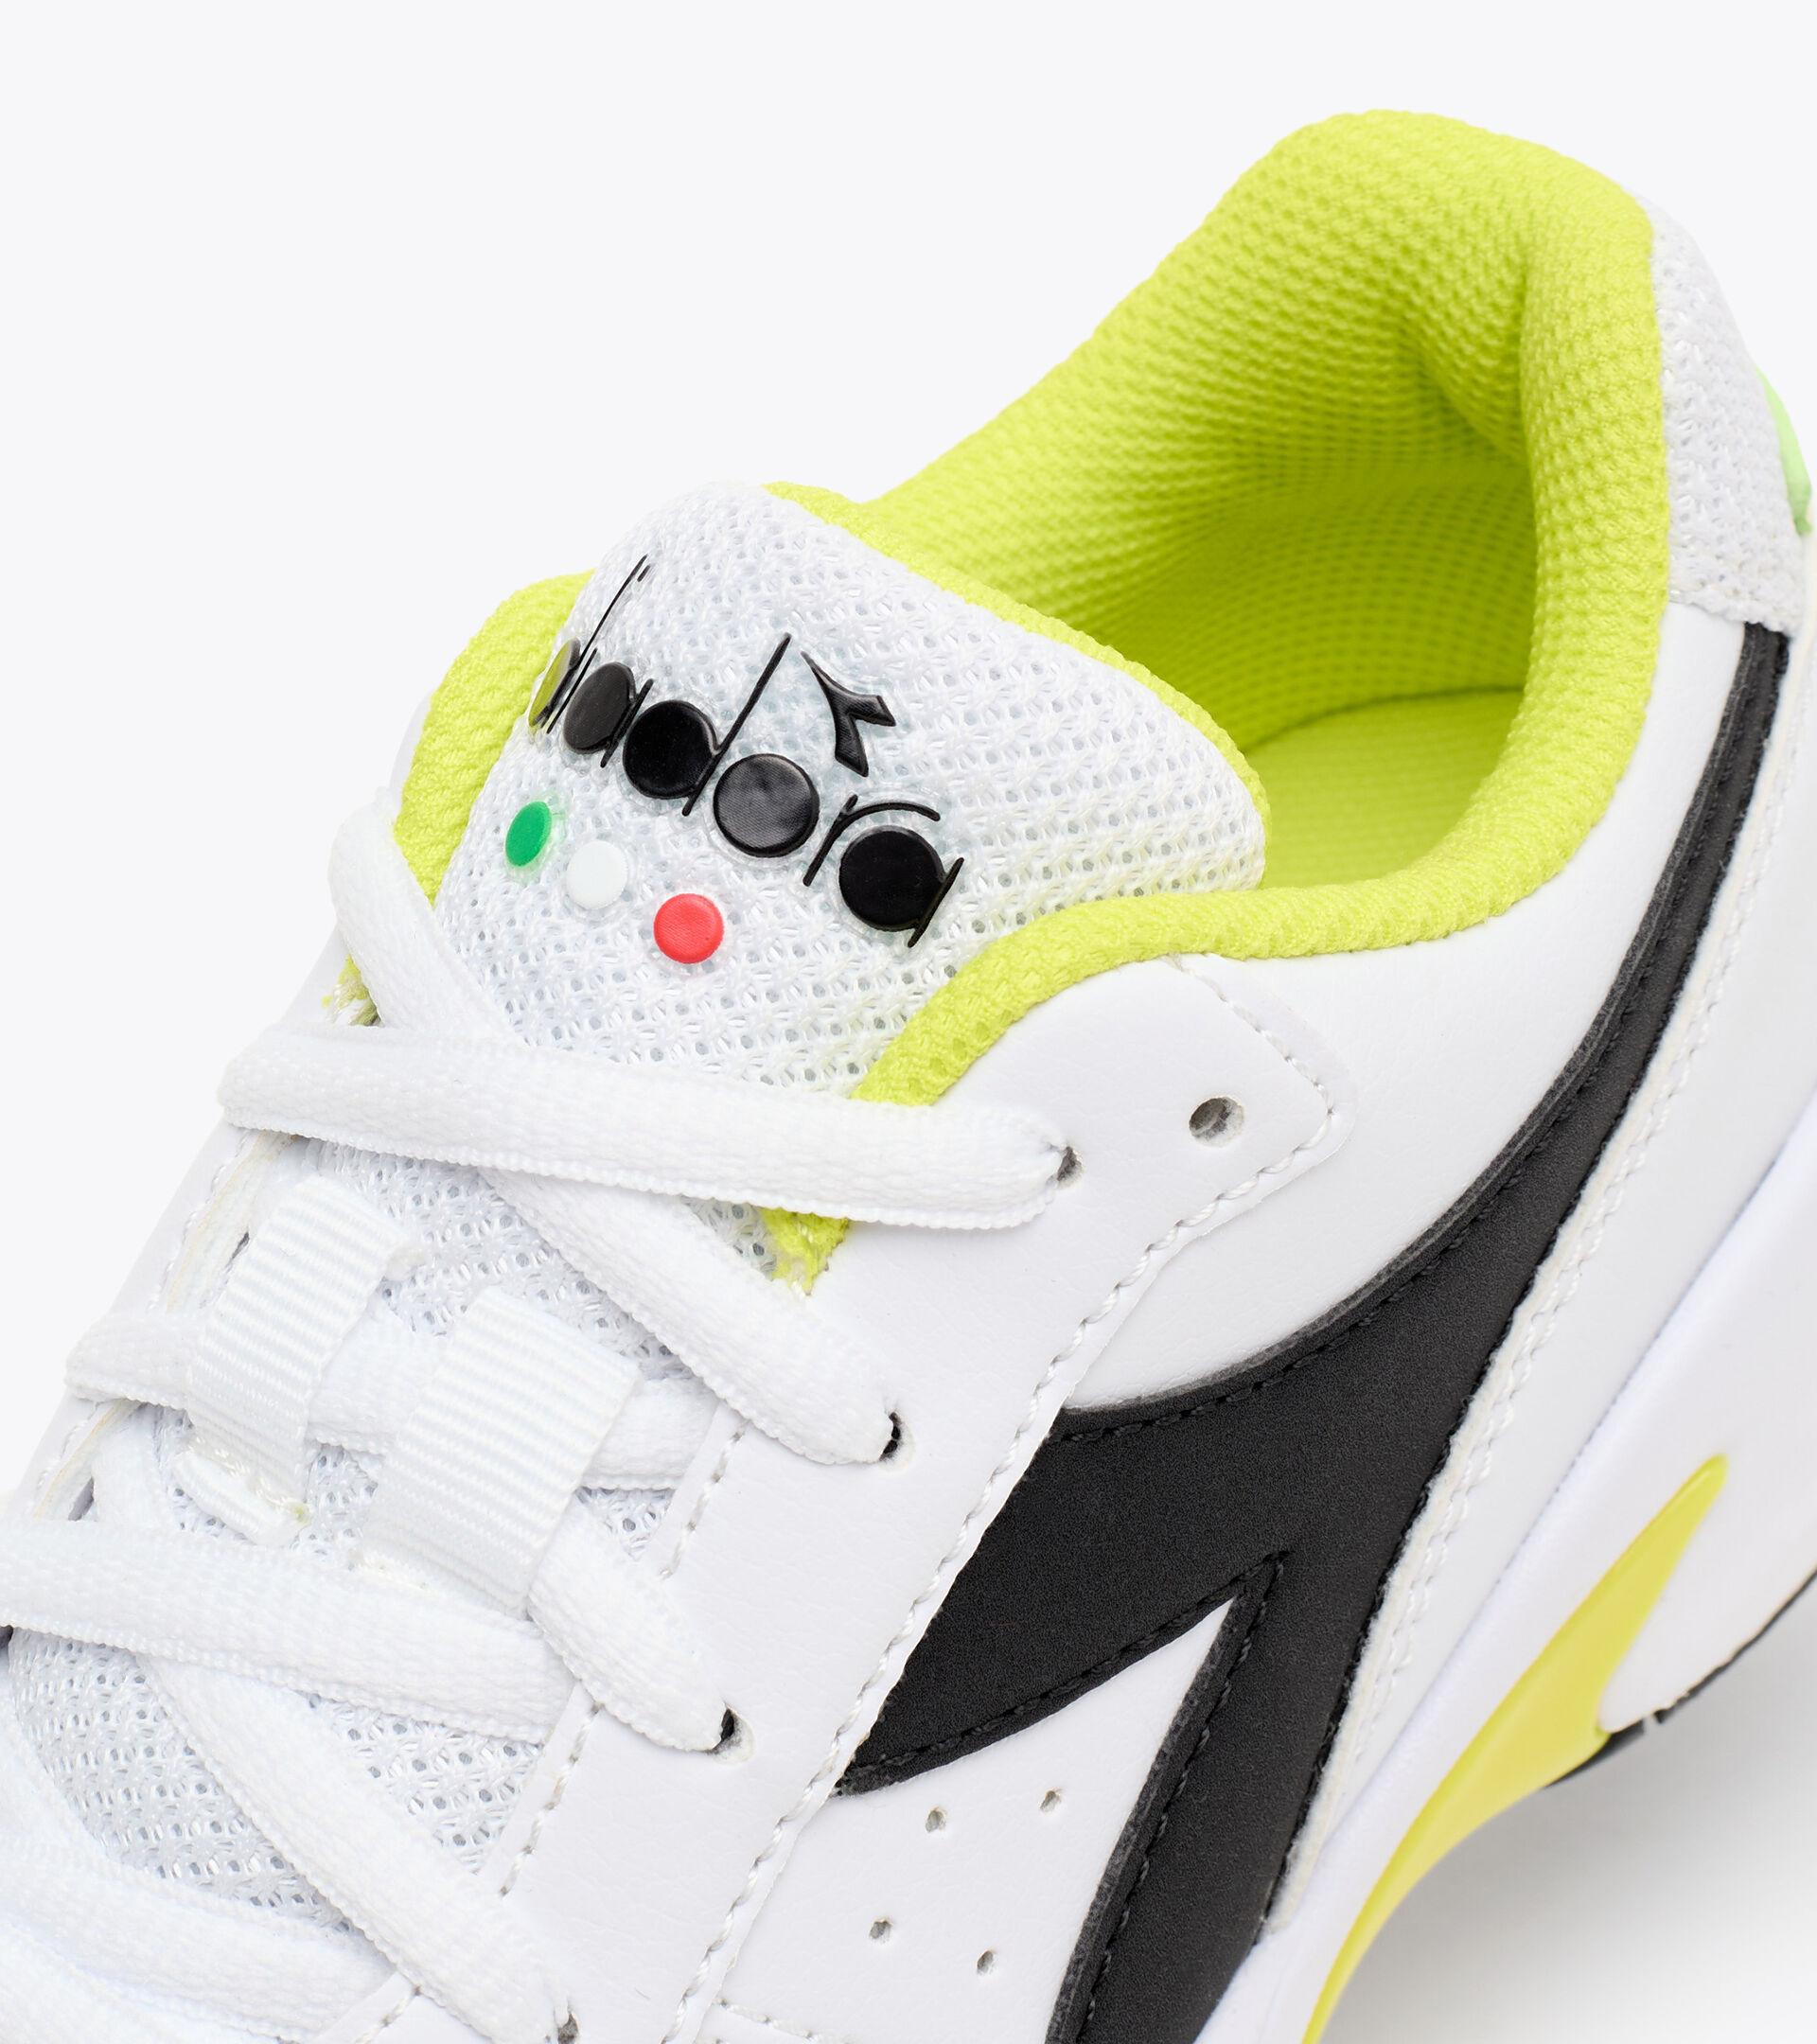 Footwear Sport BAMBINO S. CHALLENGE 3 SL JR BLCO/NGR/MANANTIALES DE SULFUR Diadora